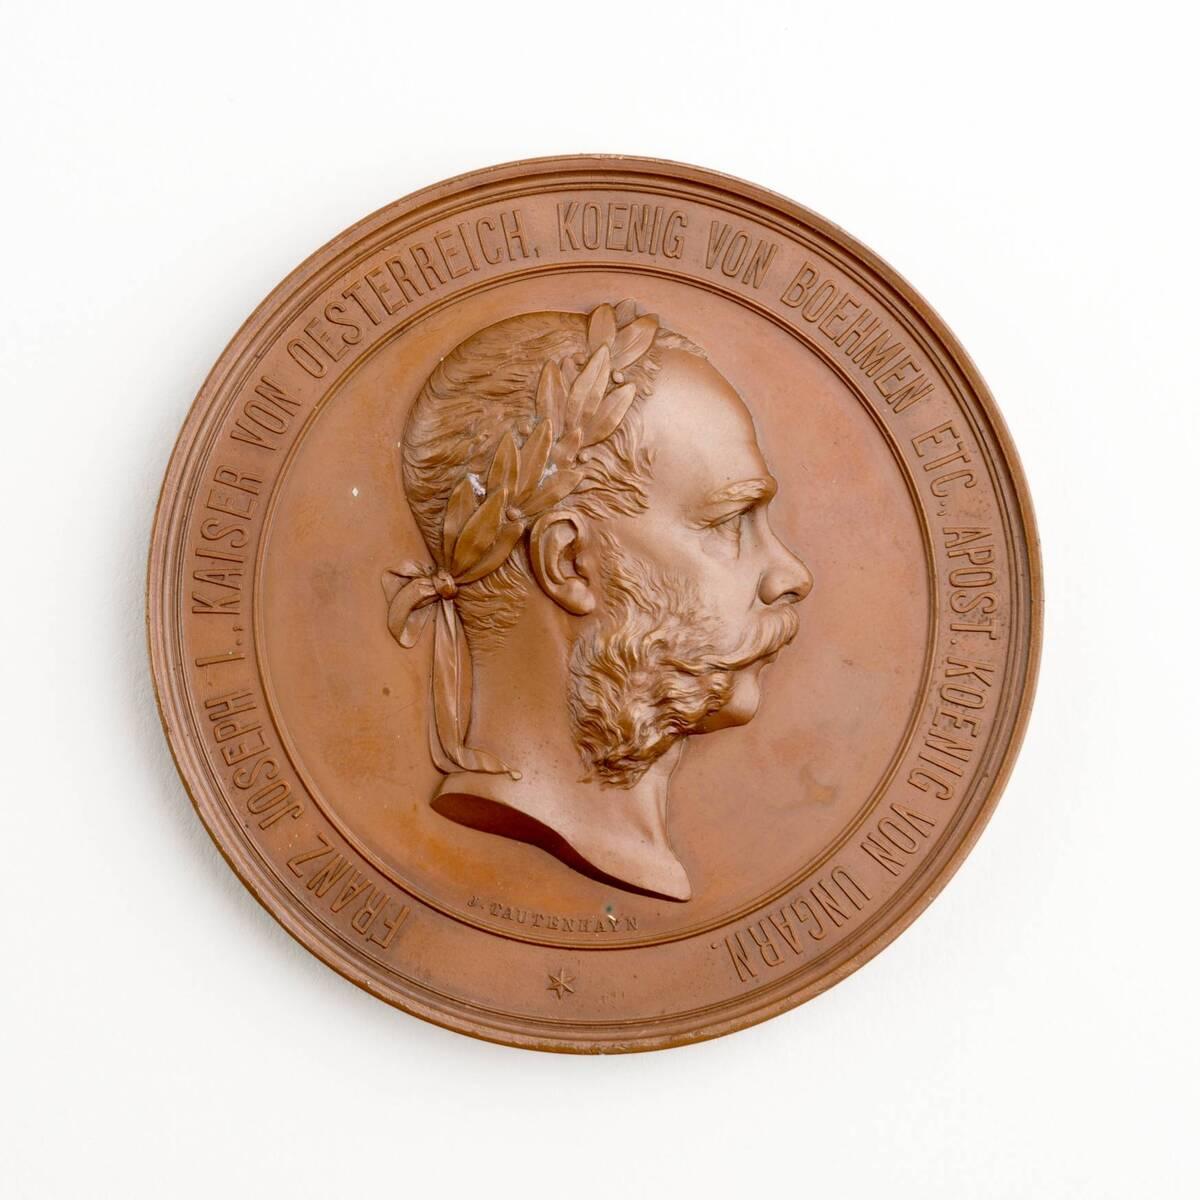 Medaille auf die Weltausstellung 1873 von Anonym